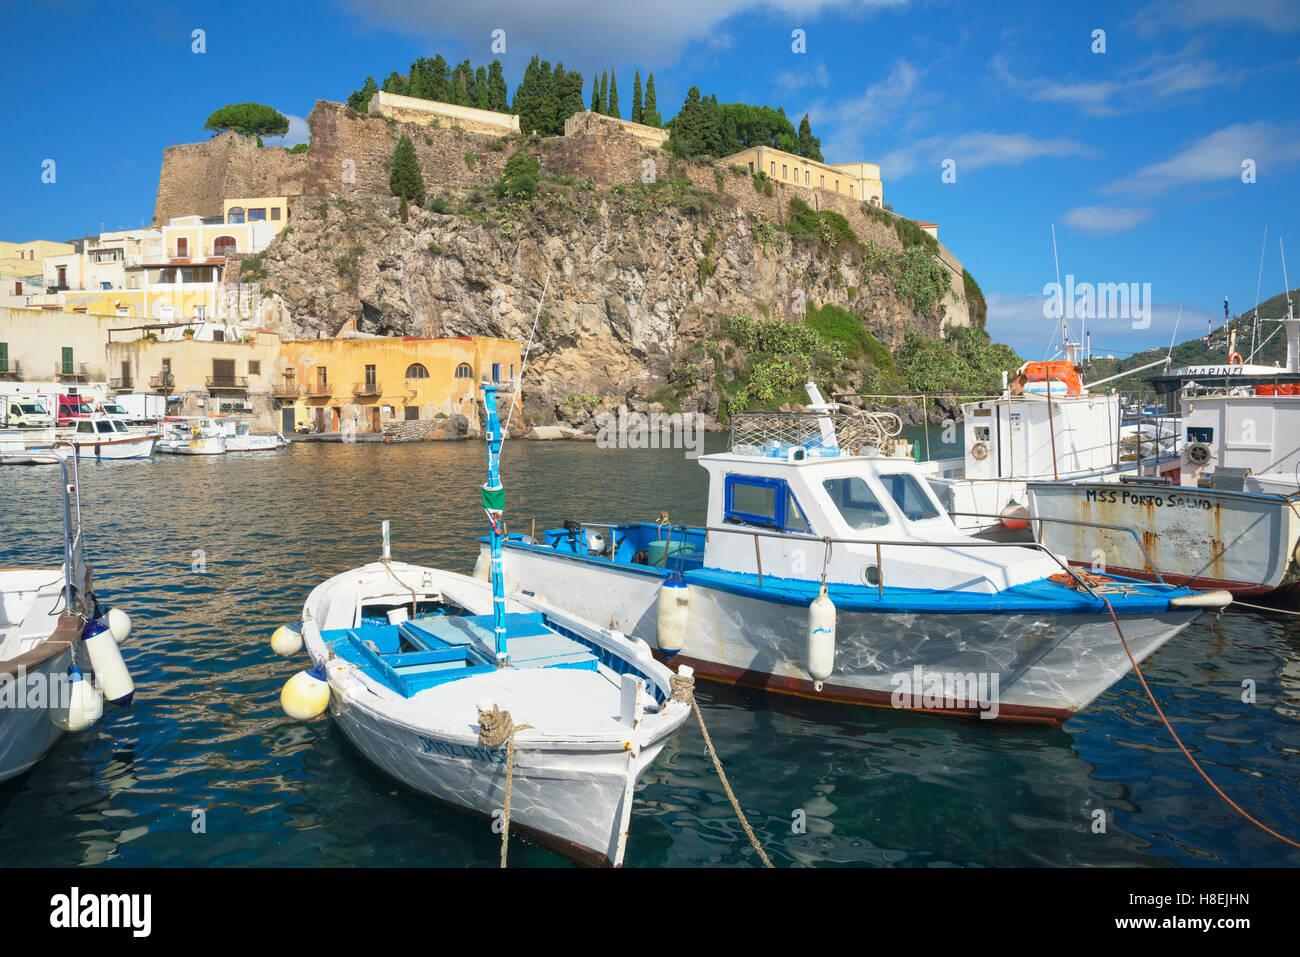 Marina Corta Harbour, Isola di Lipari, Isole Eolie, Sito Patrimonio Mondiale dell'UNESCO, Sicilia, Italia, Mediterraneo, Immagini Stock